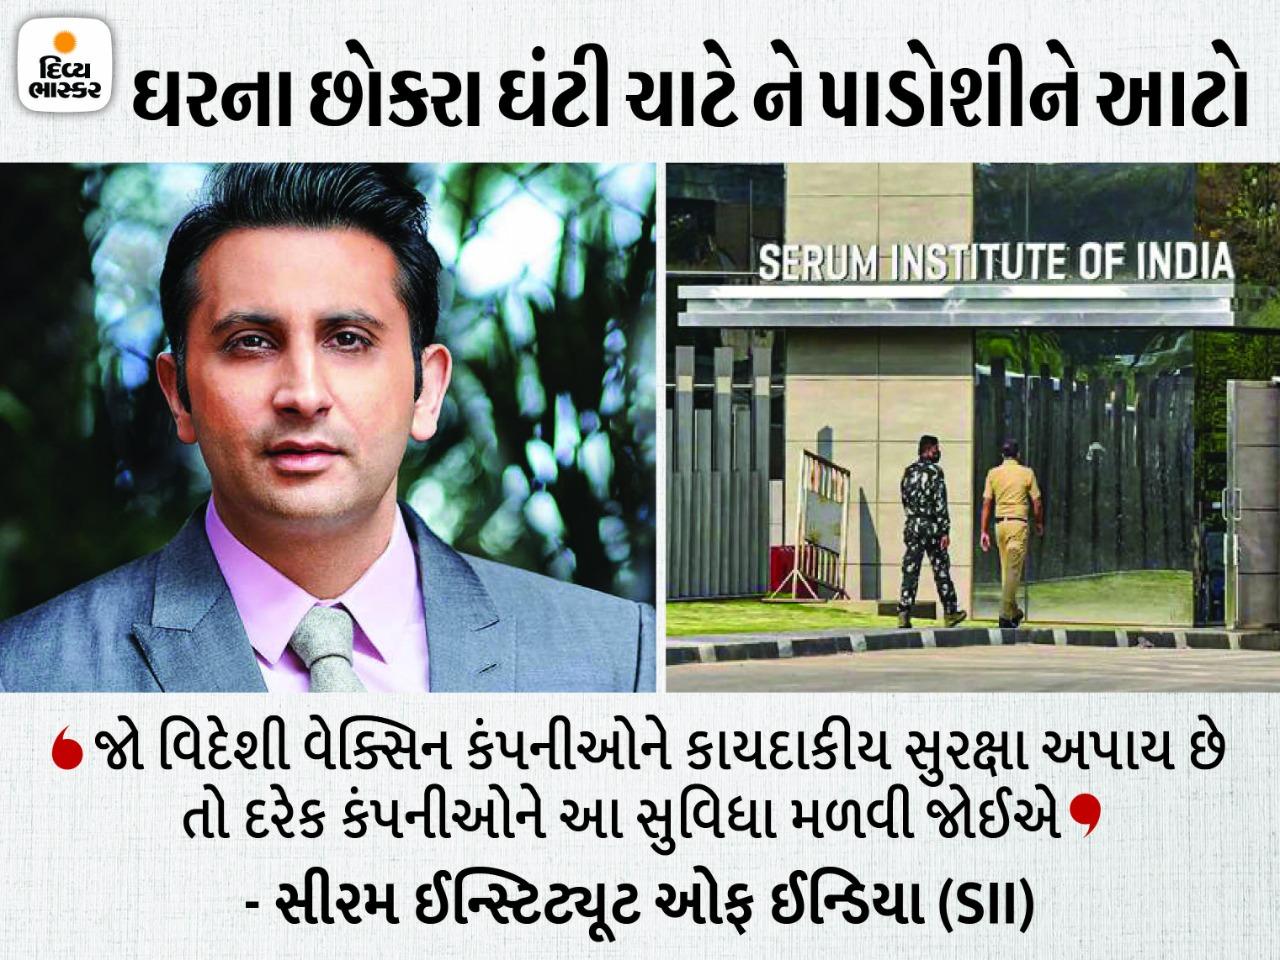 મોડર્ના, ફાઇઝરને છૂટ તો અમને કેમ નહિ, અદાર પૂનાવાલાએ કહ્યું- અમને પણ મુક્તિ આપવામાં આવે ઈન્ડિયા,National - Divya Bhaskar